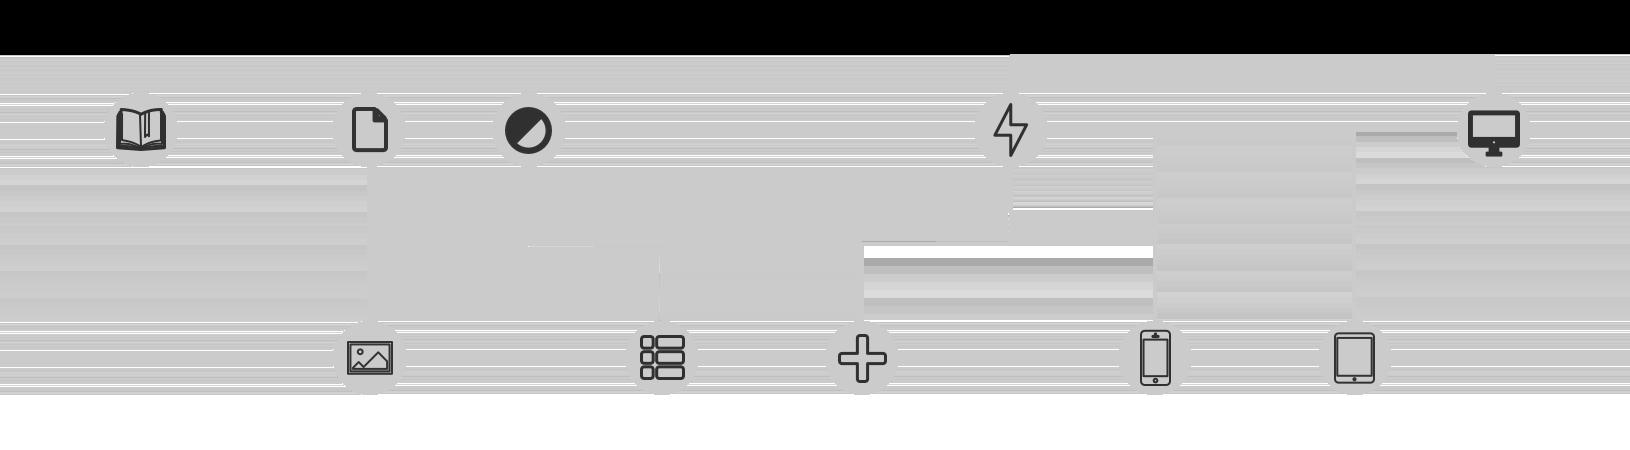 Développez des systèmes